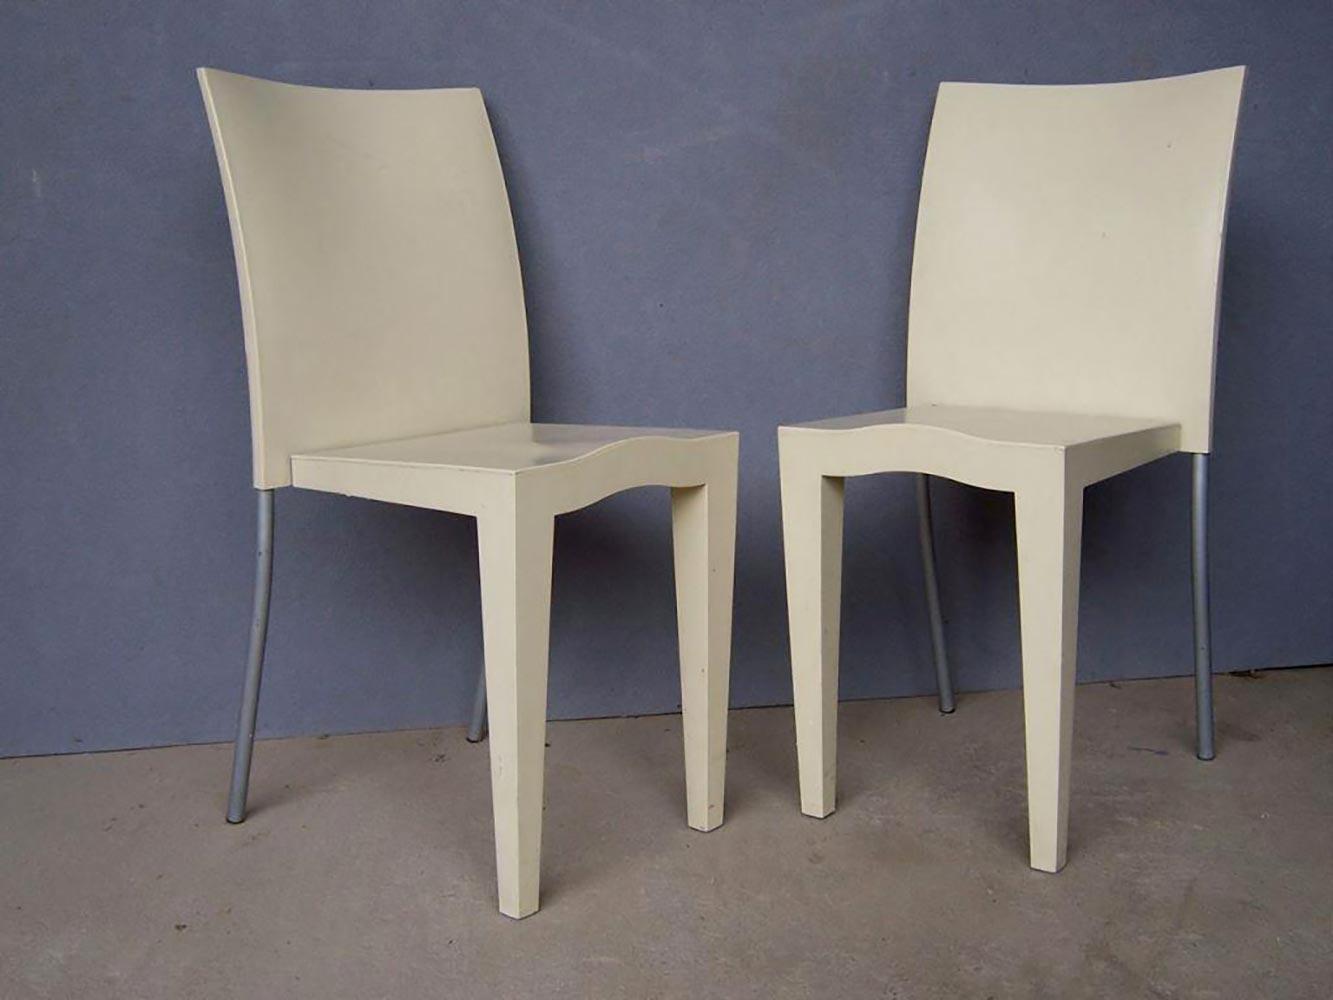 philippe starck 1949 edition kartell paire de chaises miss global h 85cm vendu sur. Black Bedroom Furniture Sets. Home Design Ideas